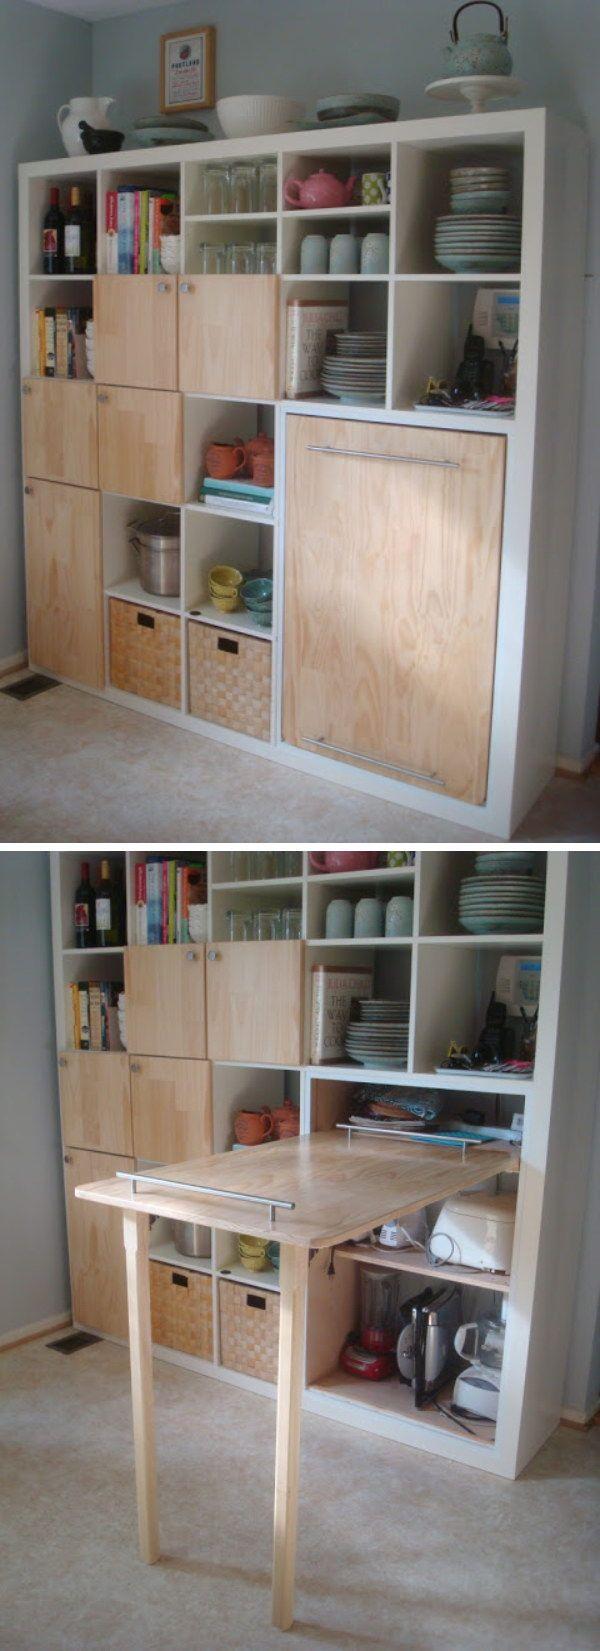 die besten 25 ikea k che lagerung ideen auf pinterest. Black Bedroom Furniture Sets. Home Design Ideas